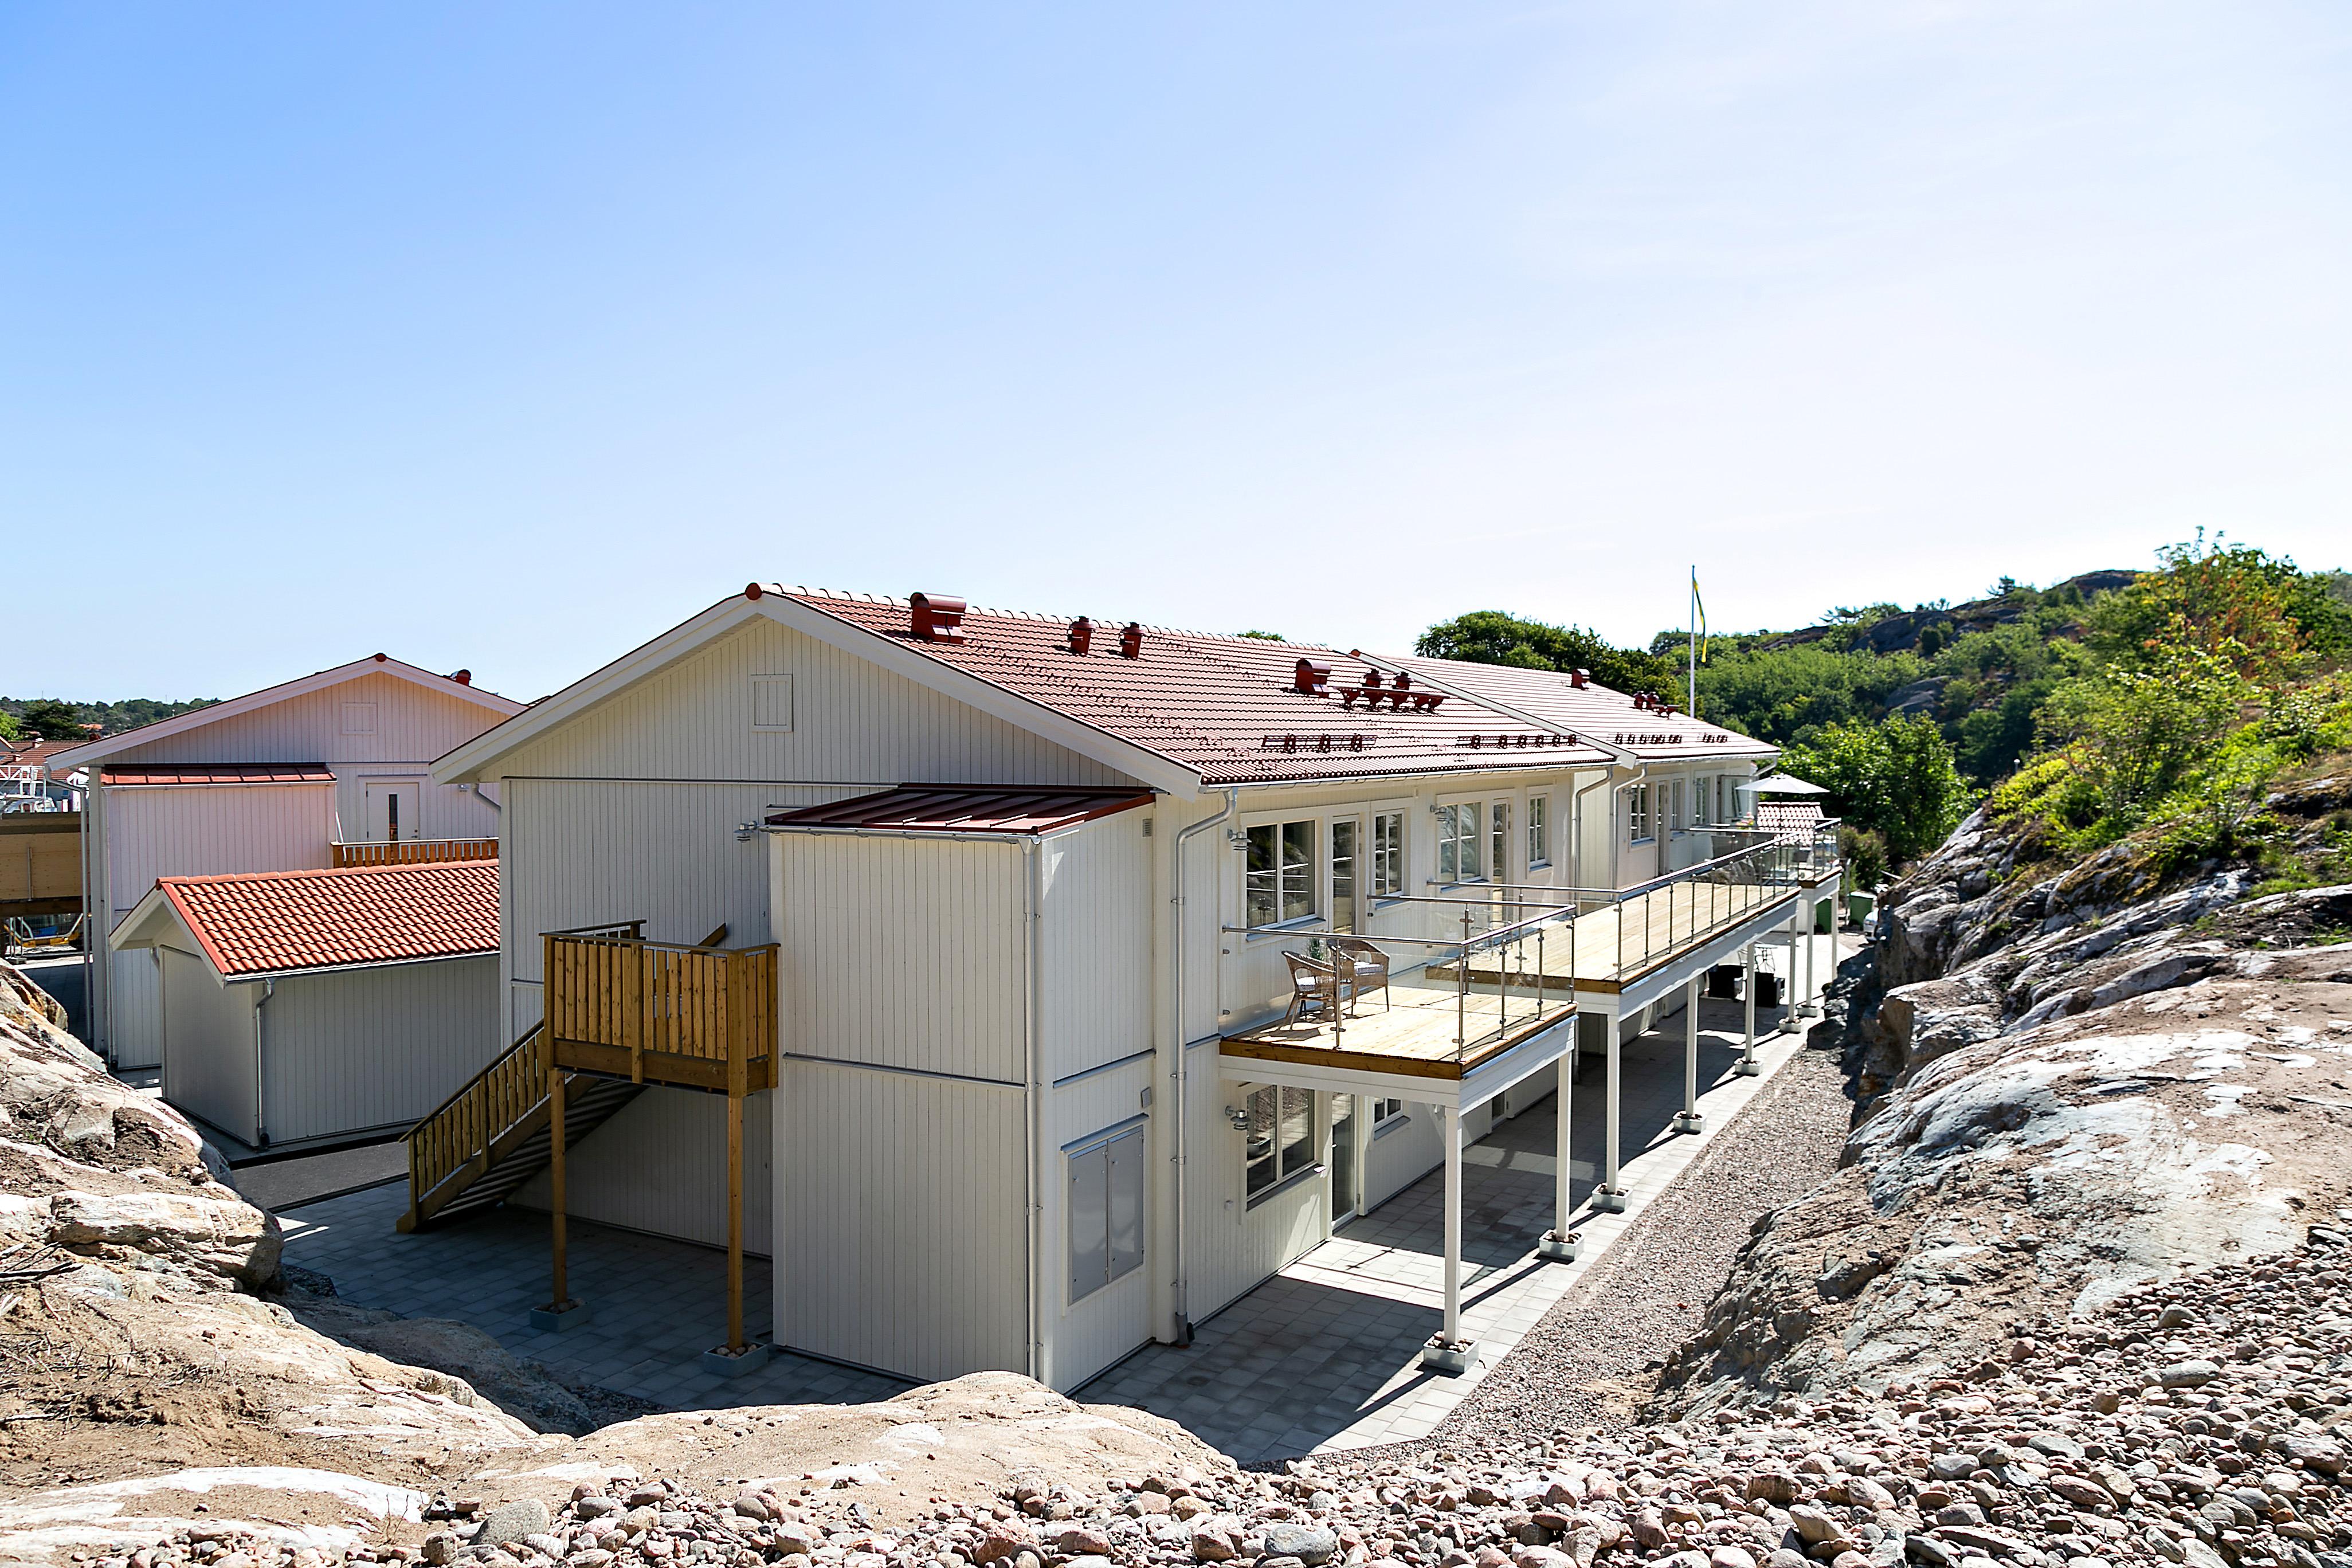 28 Lägenheter